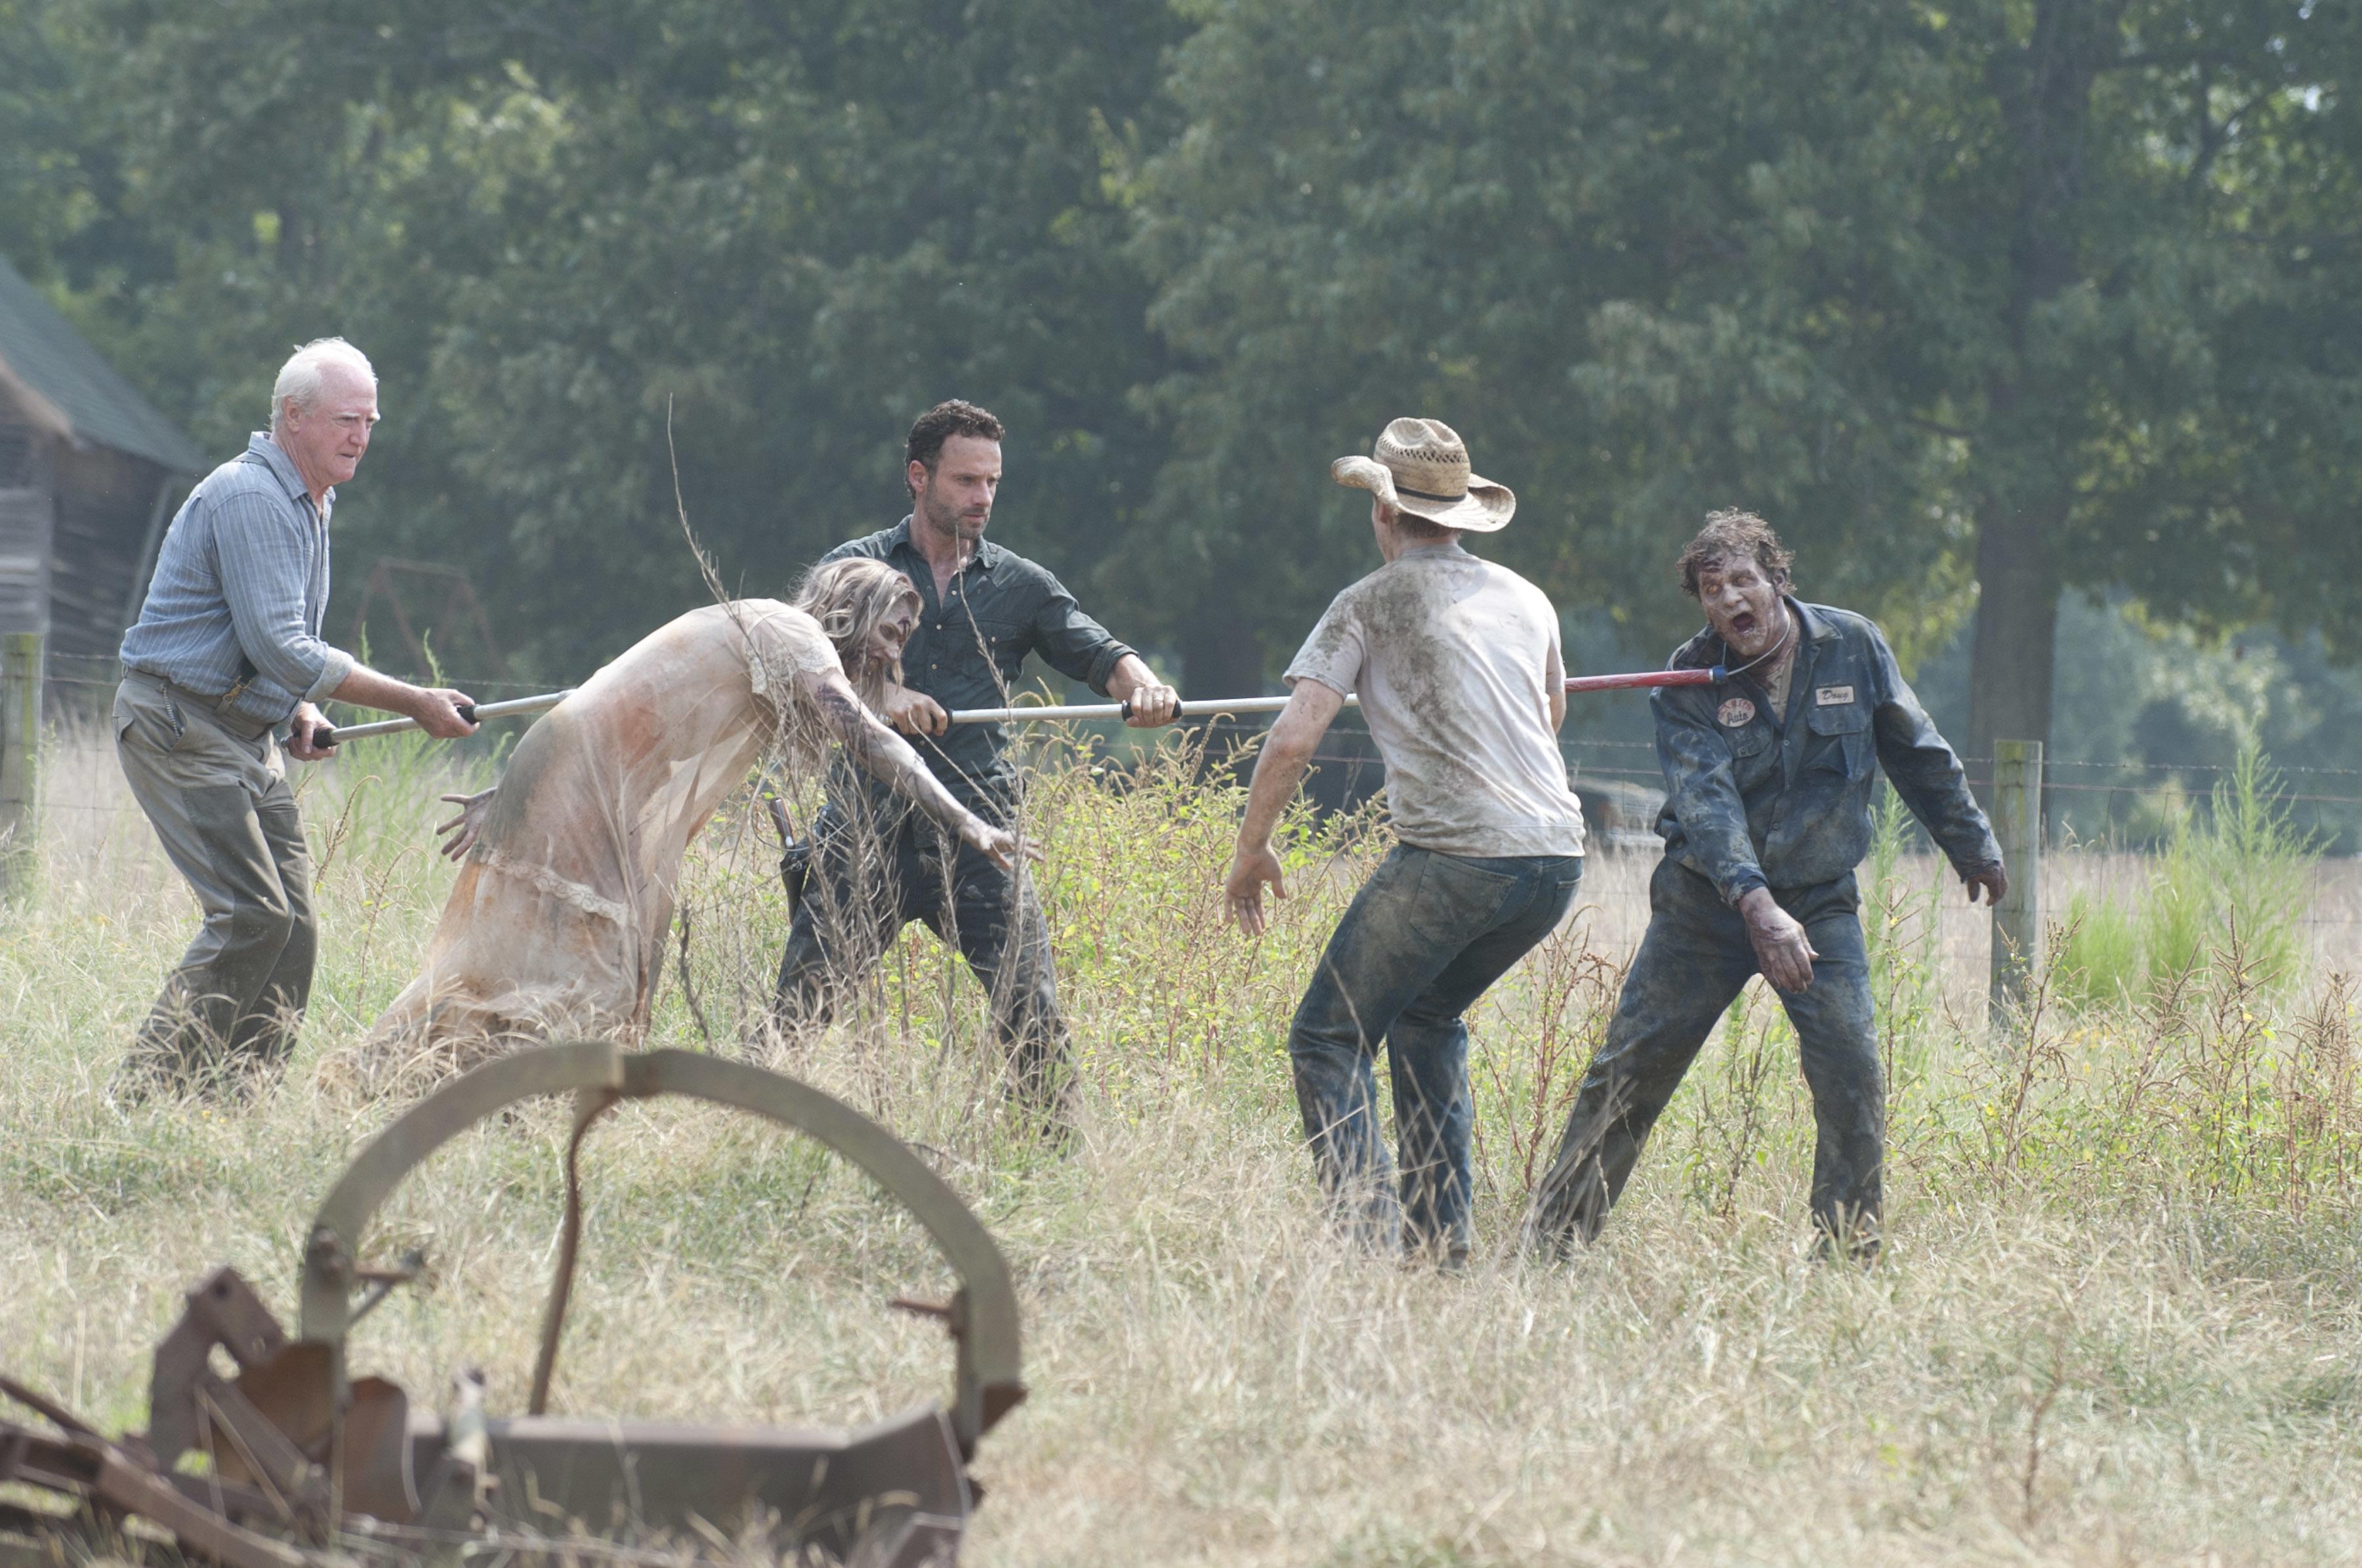 File:Jimmy, hershel, Rick, walkers.jpg